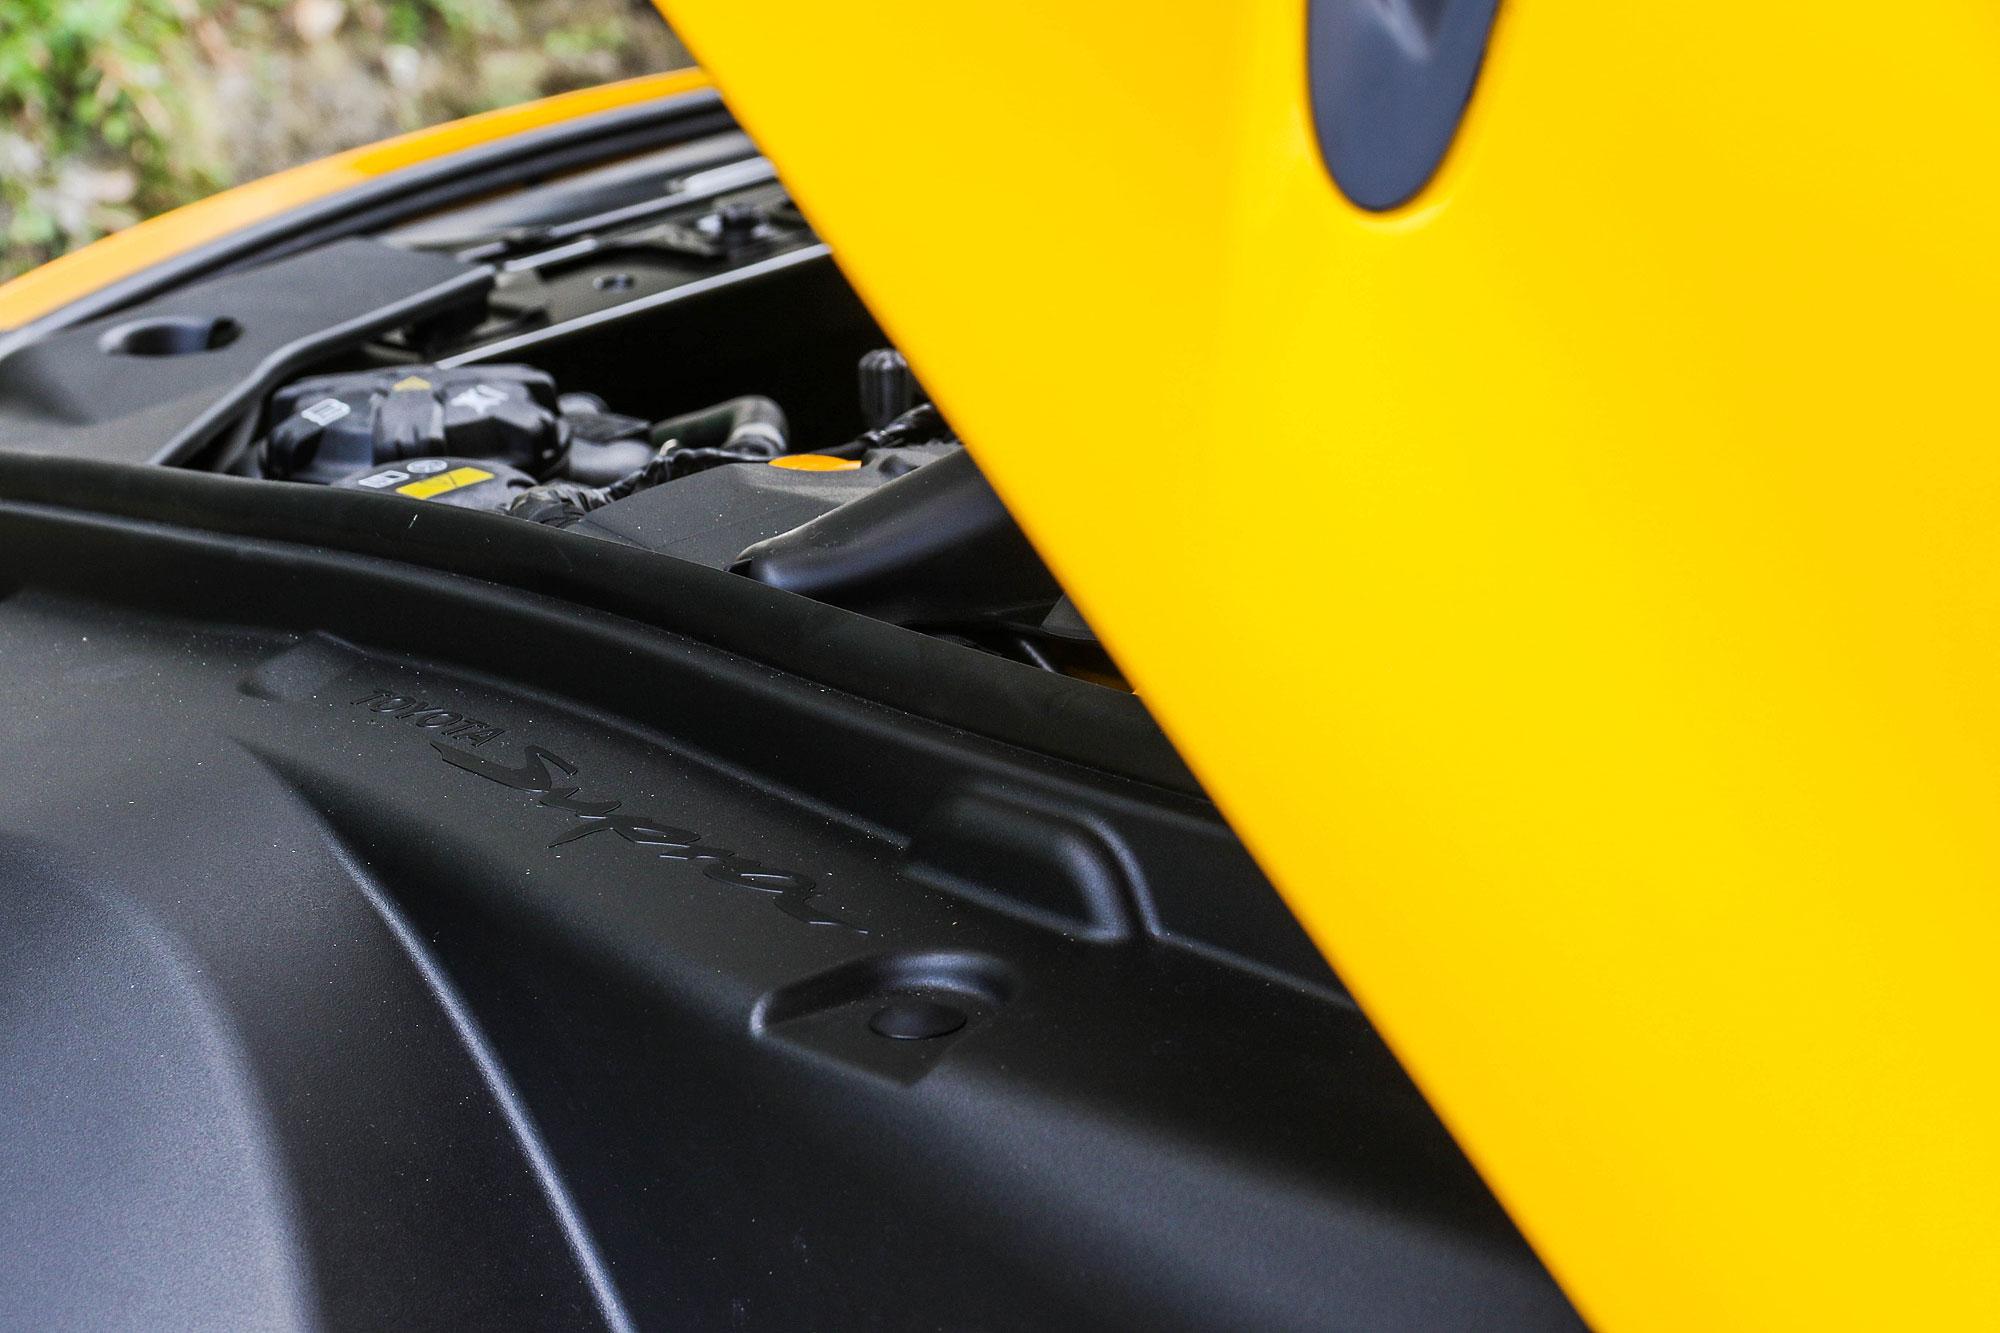 引擎室側邊點綴有 Supra 字樣。